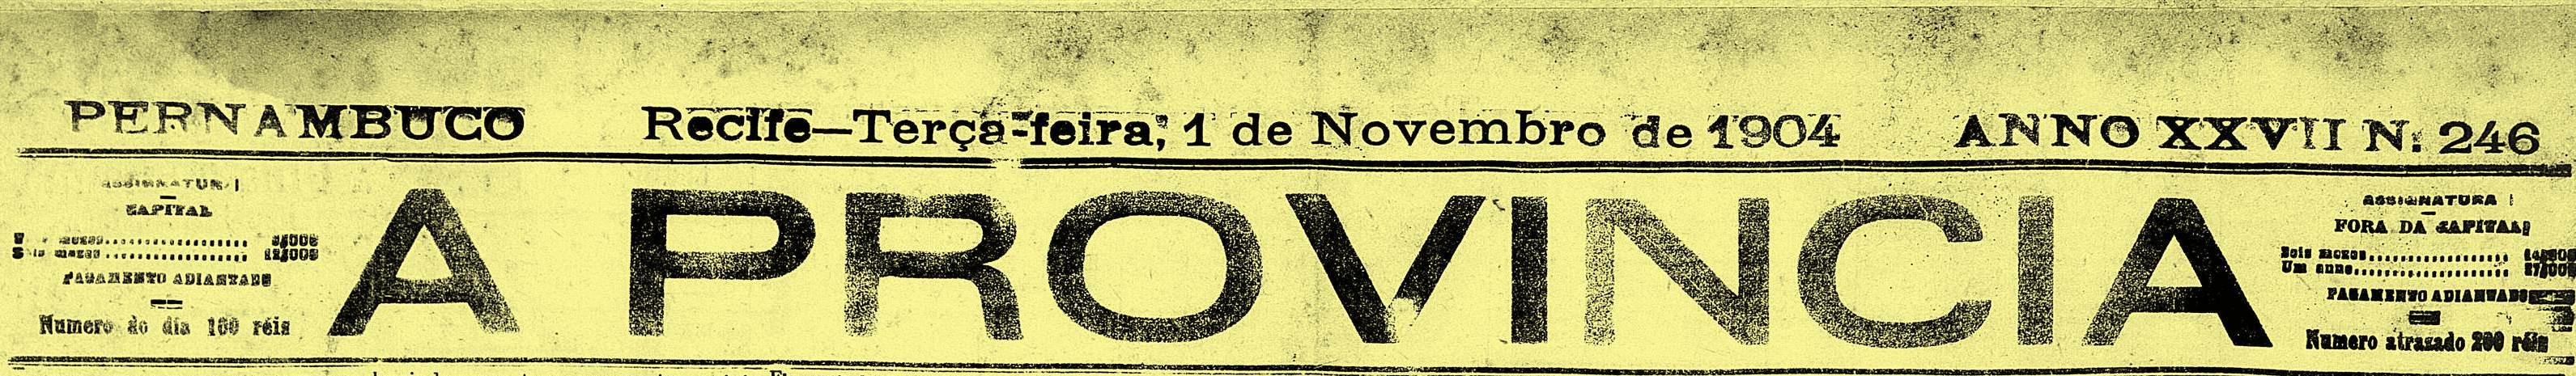 e7ef743a7ccd8 Propaganda